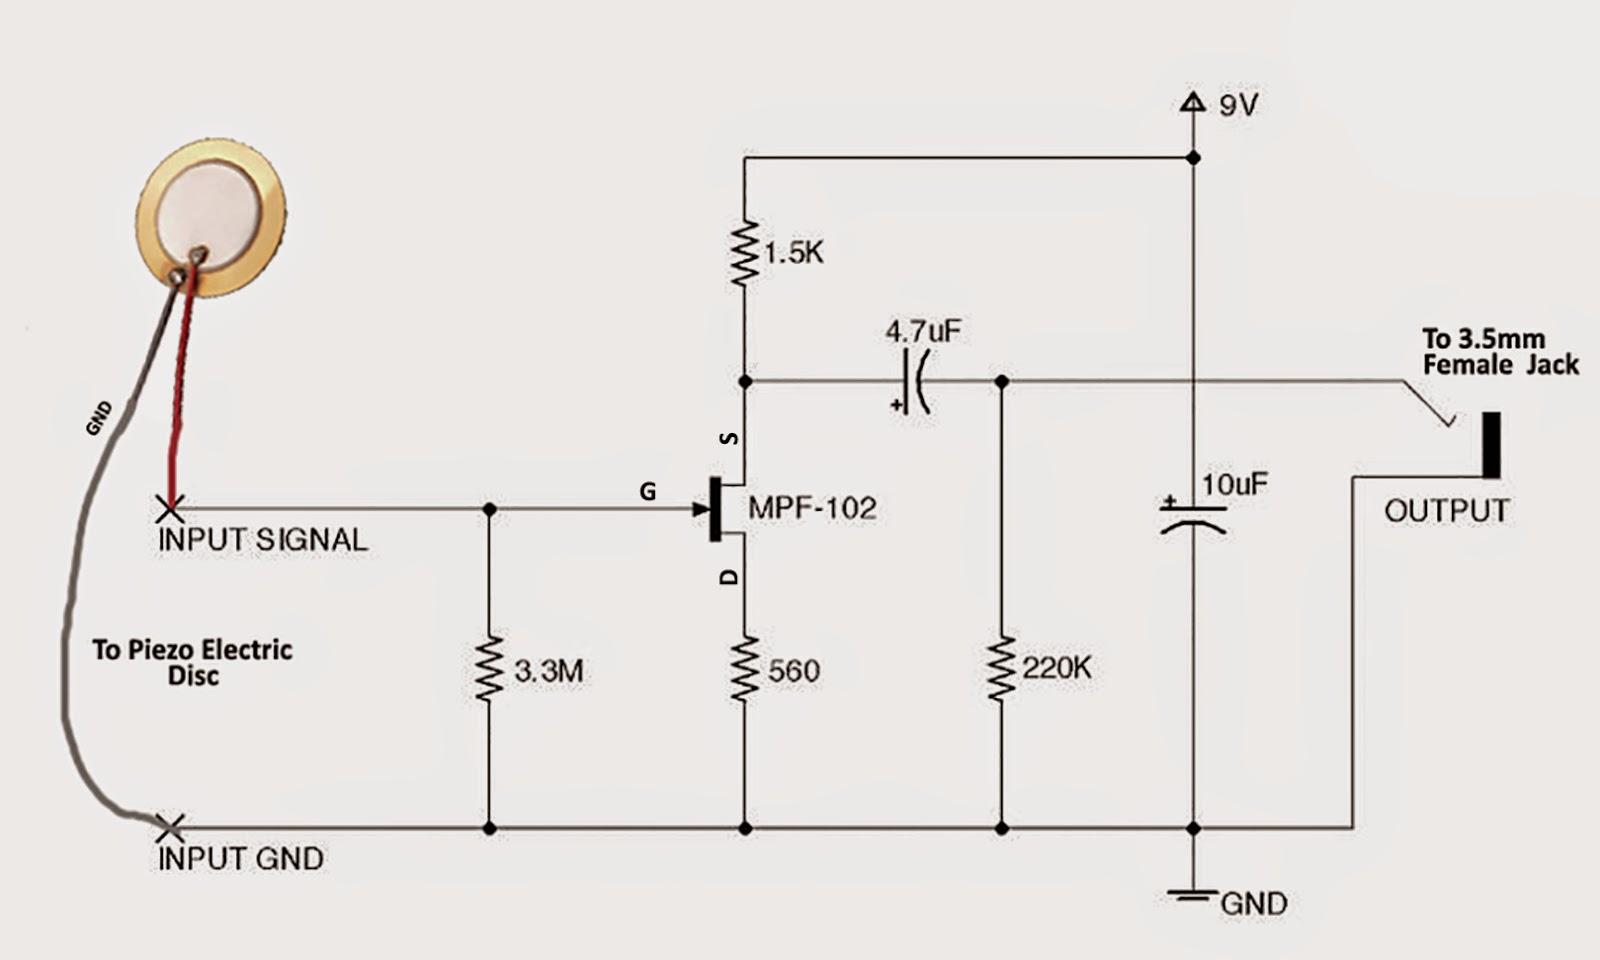 medium resolution of xlr microphone wiring 3 5mm diagram wiring diagram3 5mm stereo to xlr diagram wiring schematic wiring